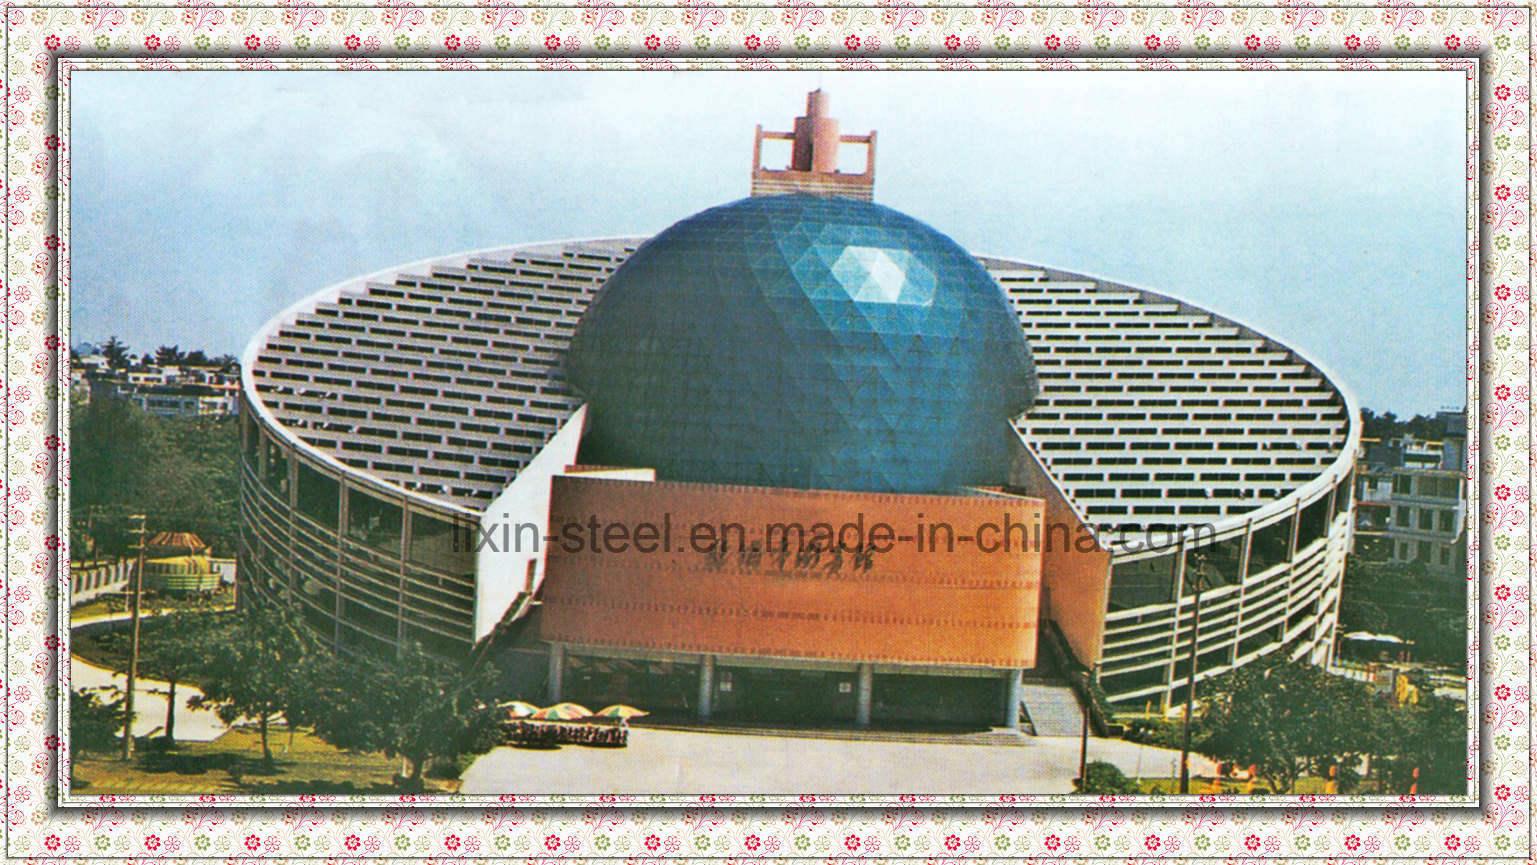 Morden runder Platz-Binder-Dach-Rahmen-Stahlbibliotheks-Gebäude foto ...